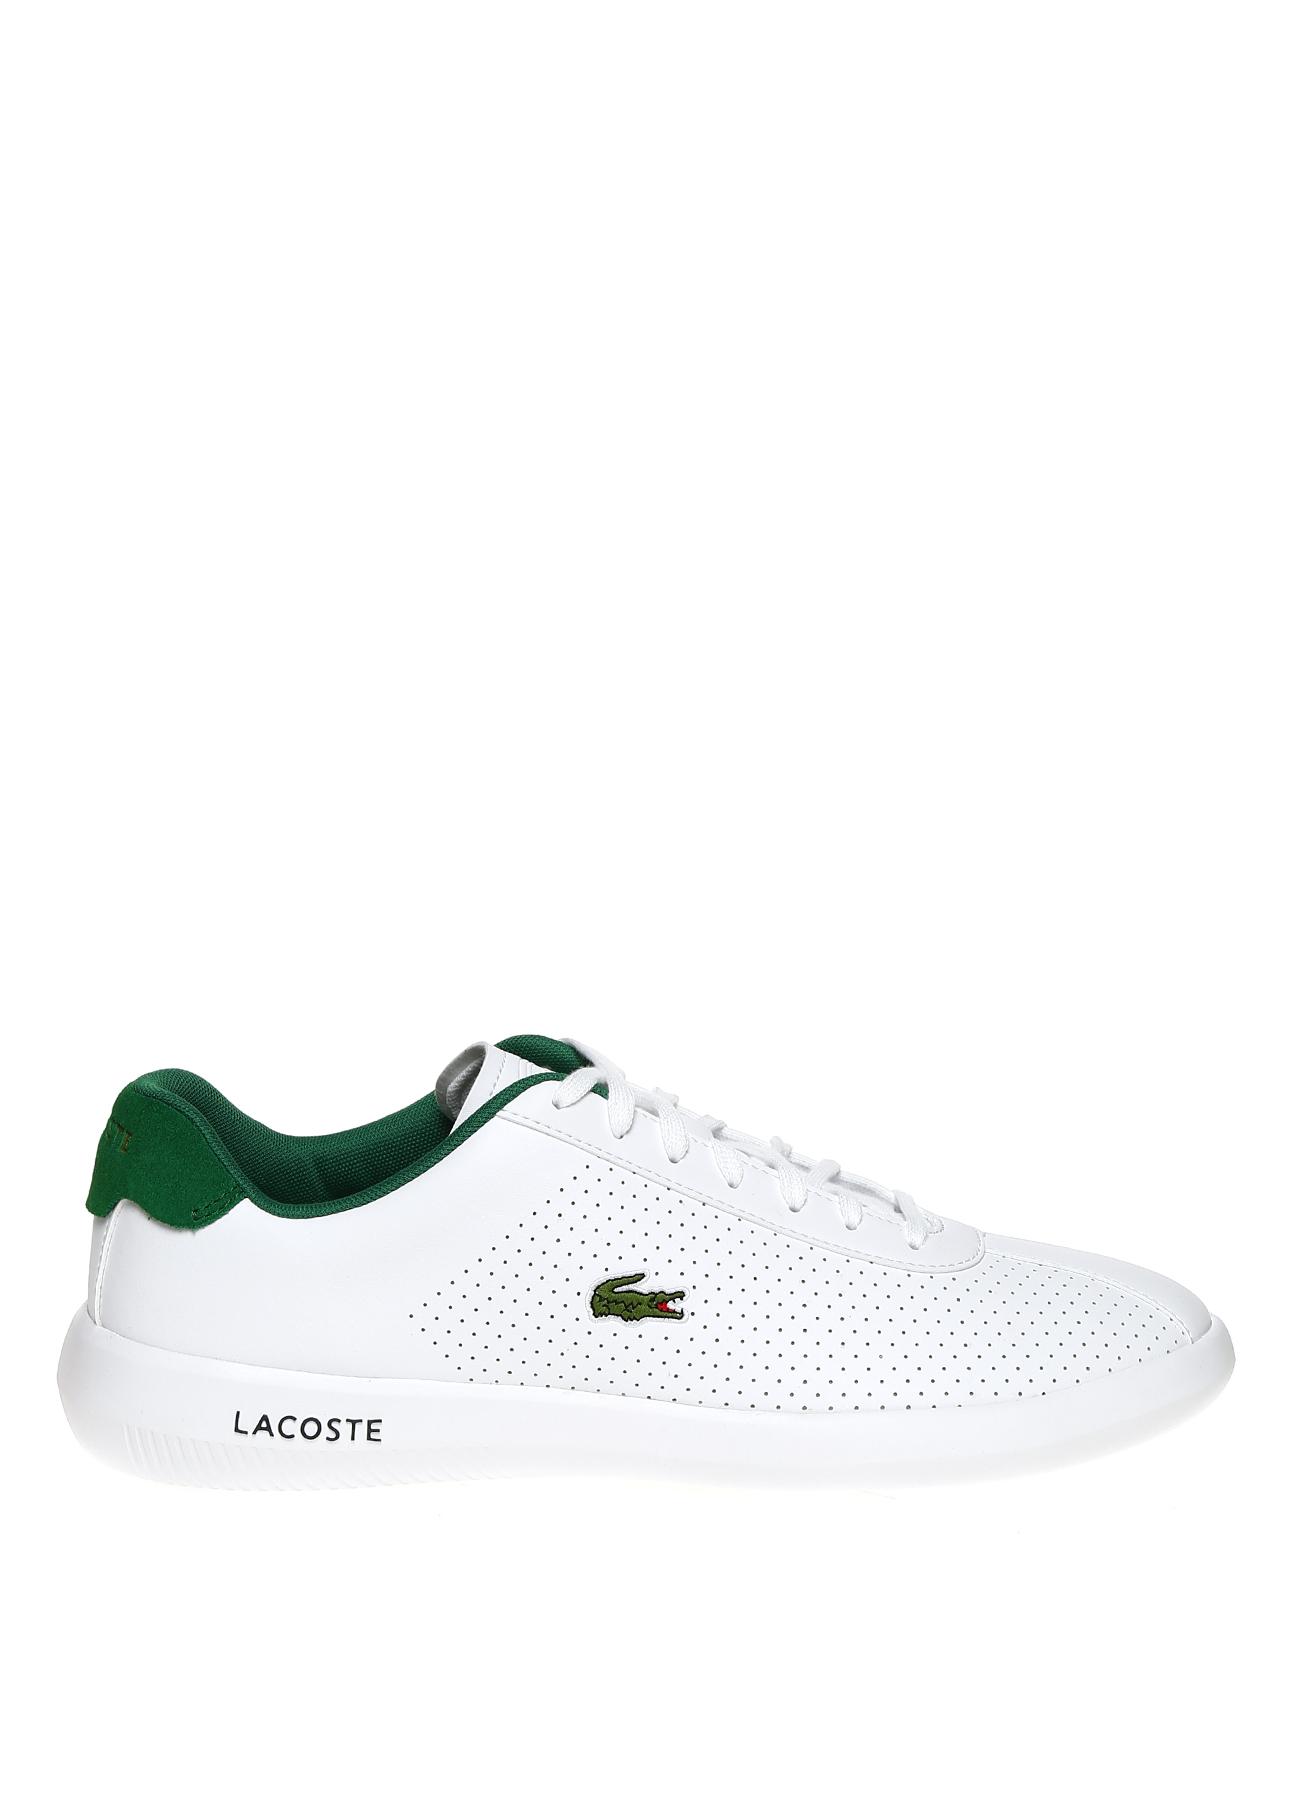 Lacoste Avance Beyaz Sneaker 45 5002313521001 Ürün Resmi